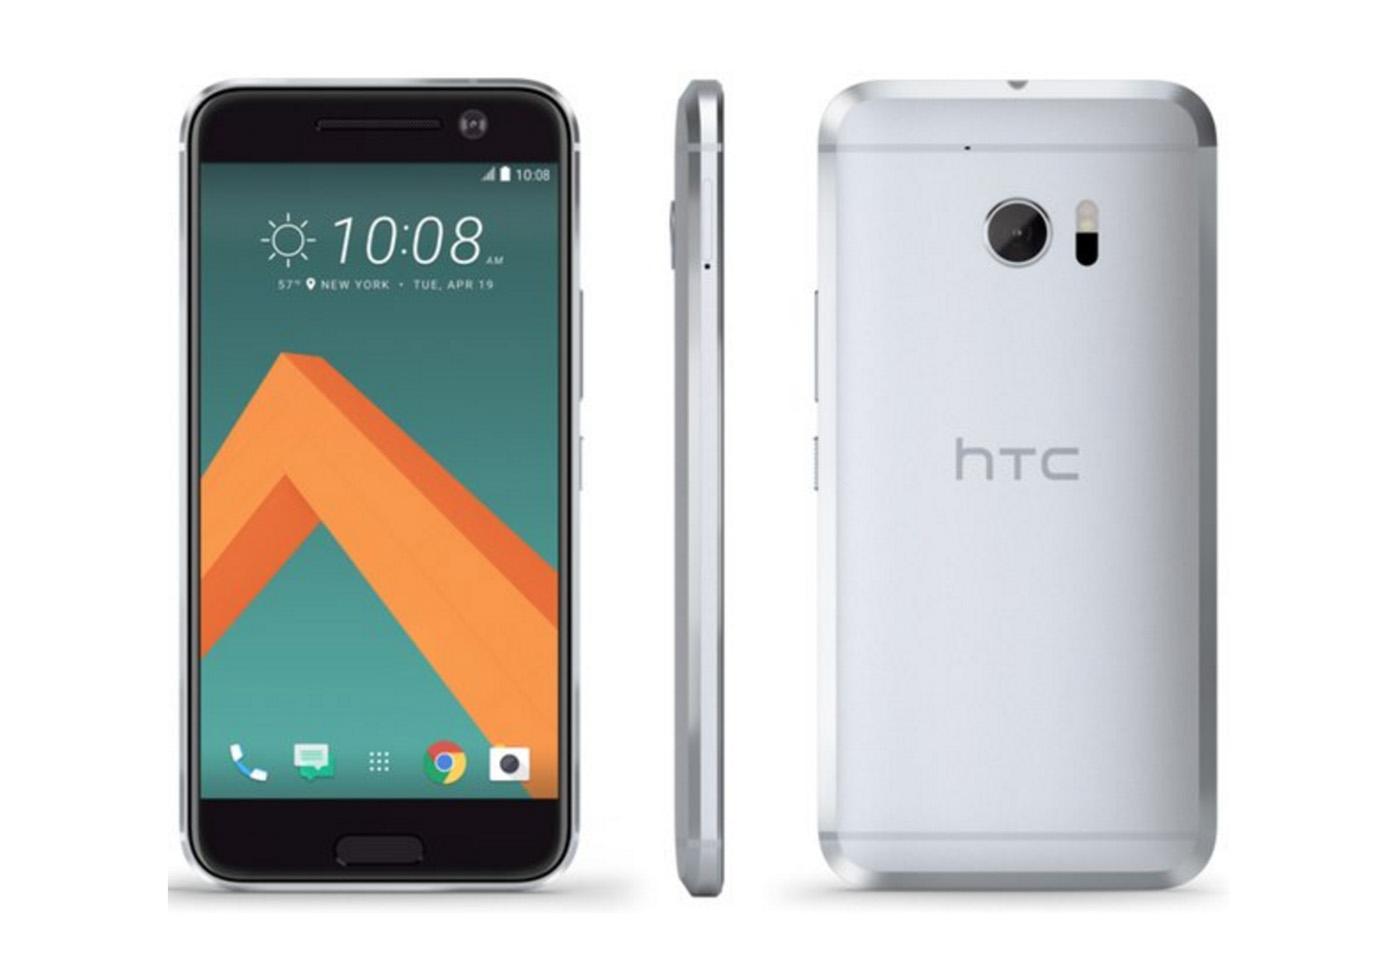 El HTC 10 aparece en las primeras imágenes filtradas